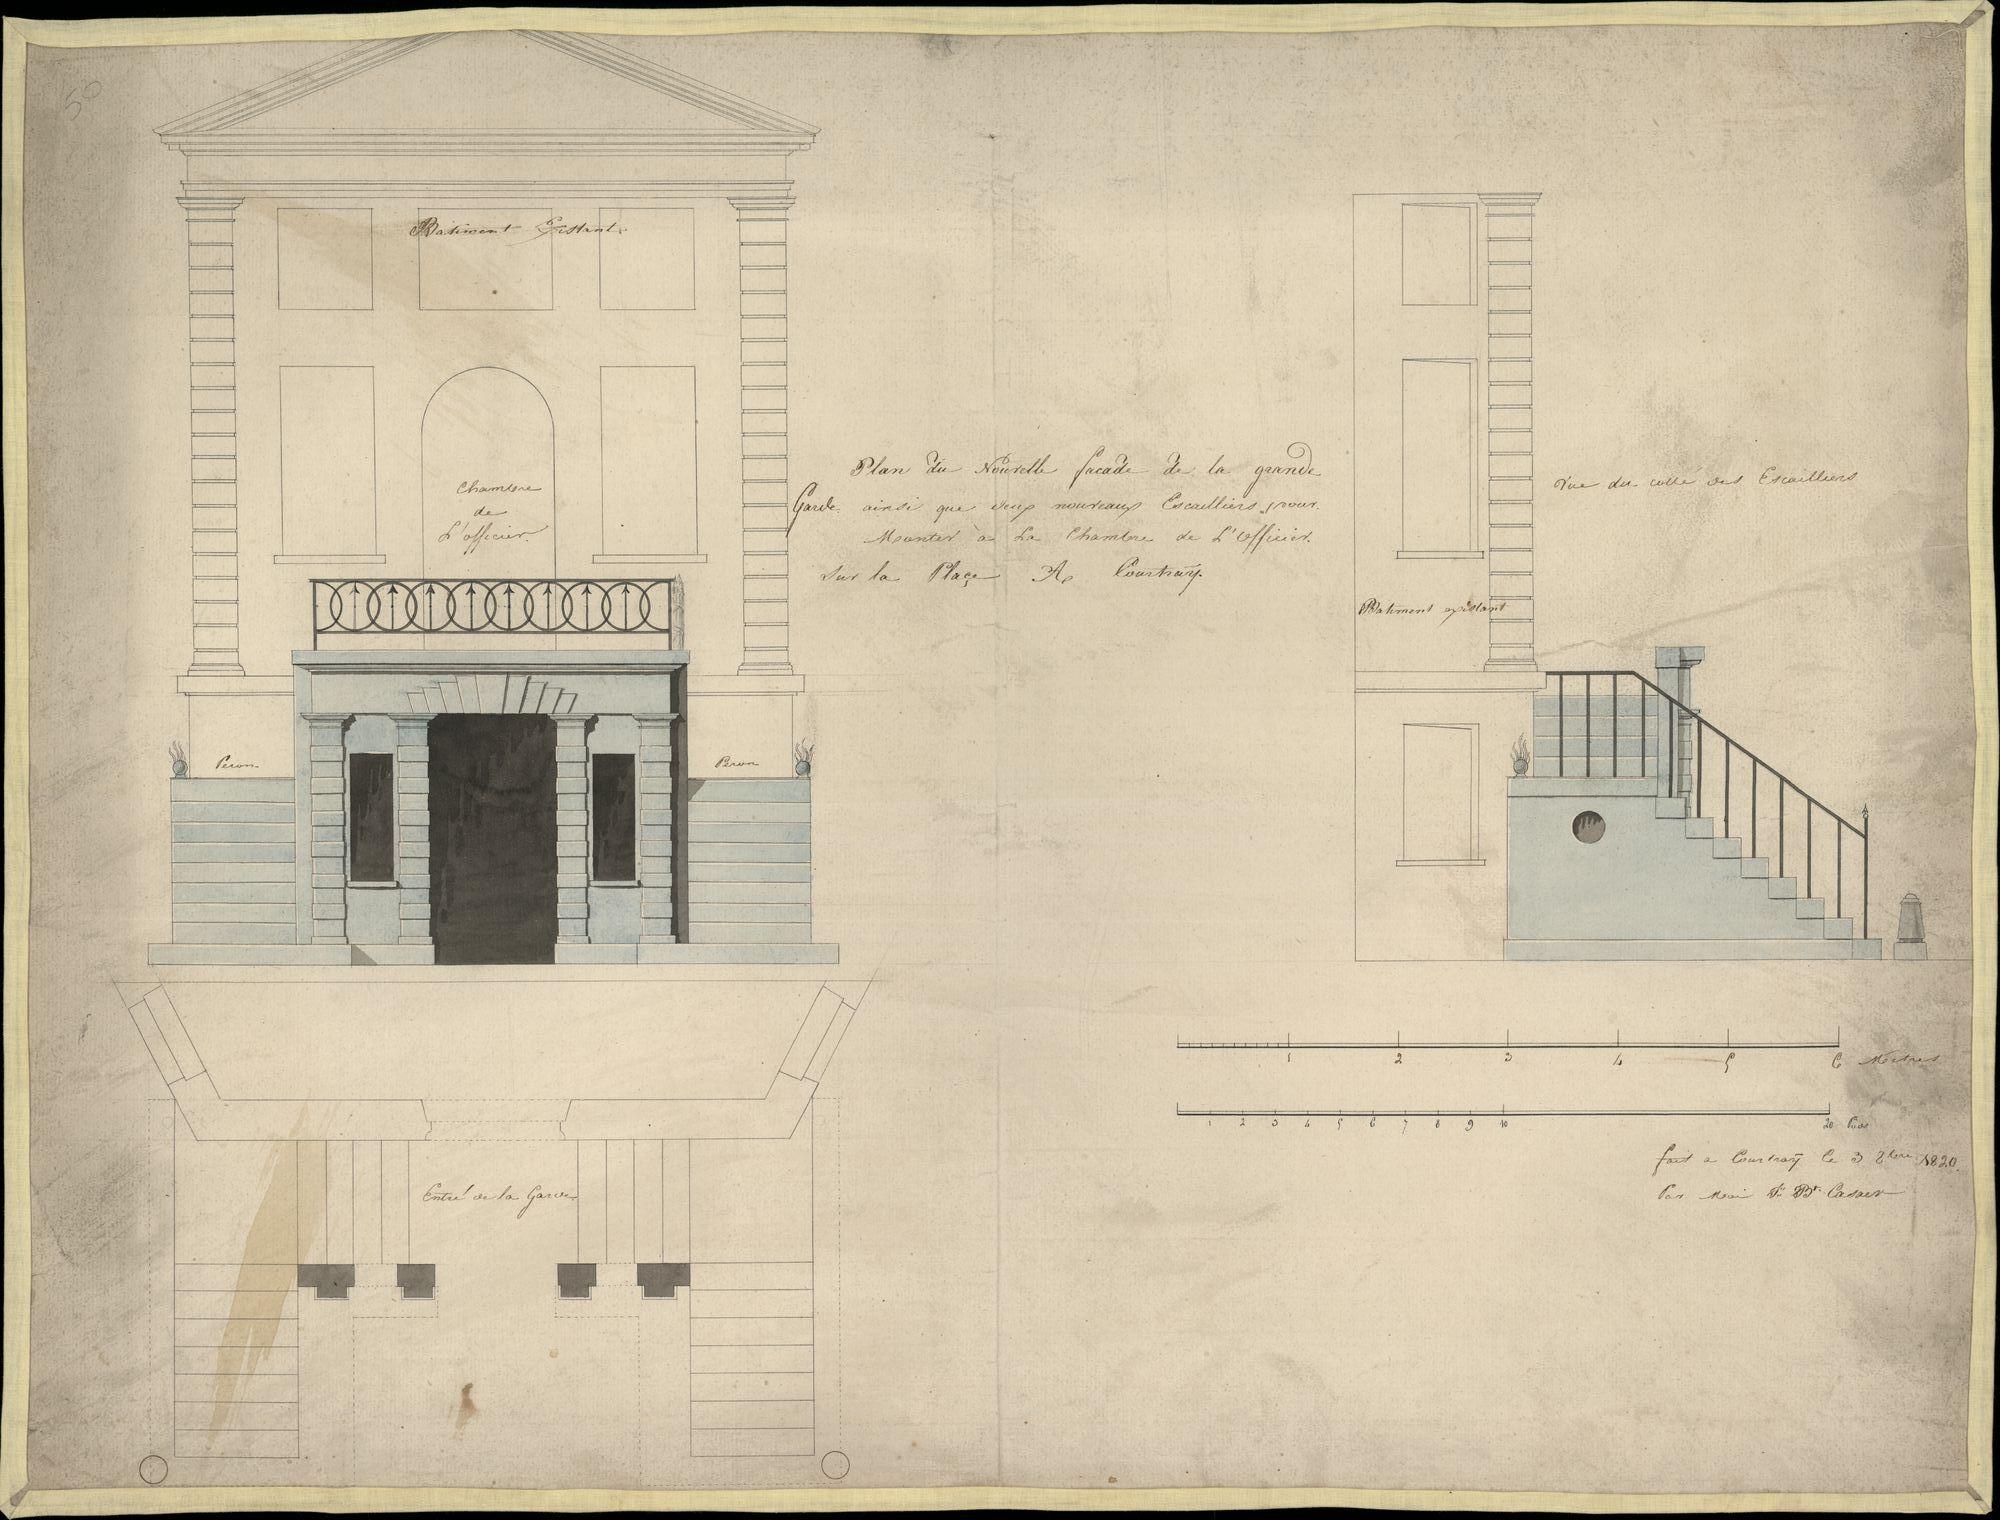 Bouwplan van de gevel van de Hoge Wacht in de Halletoren te Kortrijk, opgemaakt door J.B. Casaer; 1820